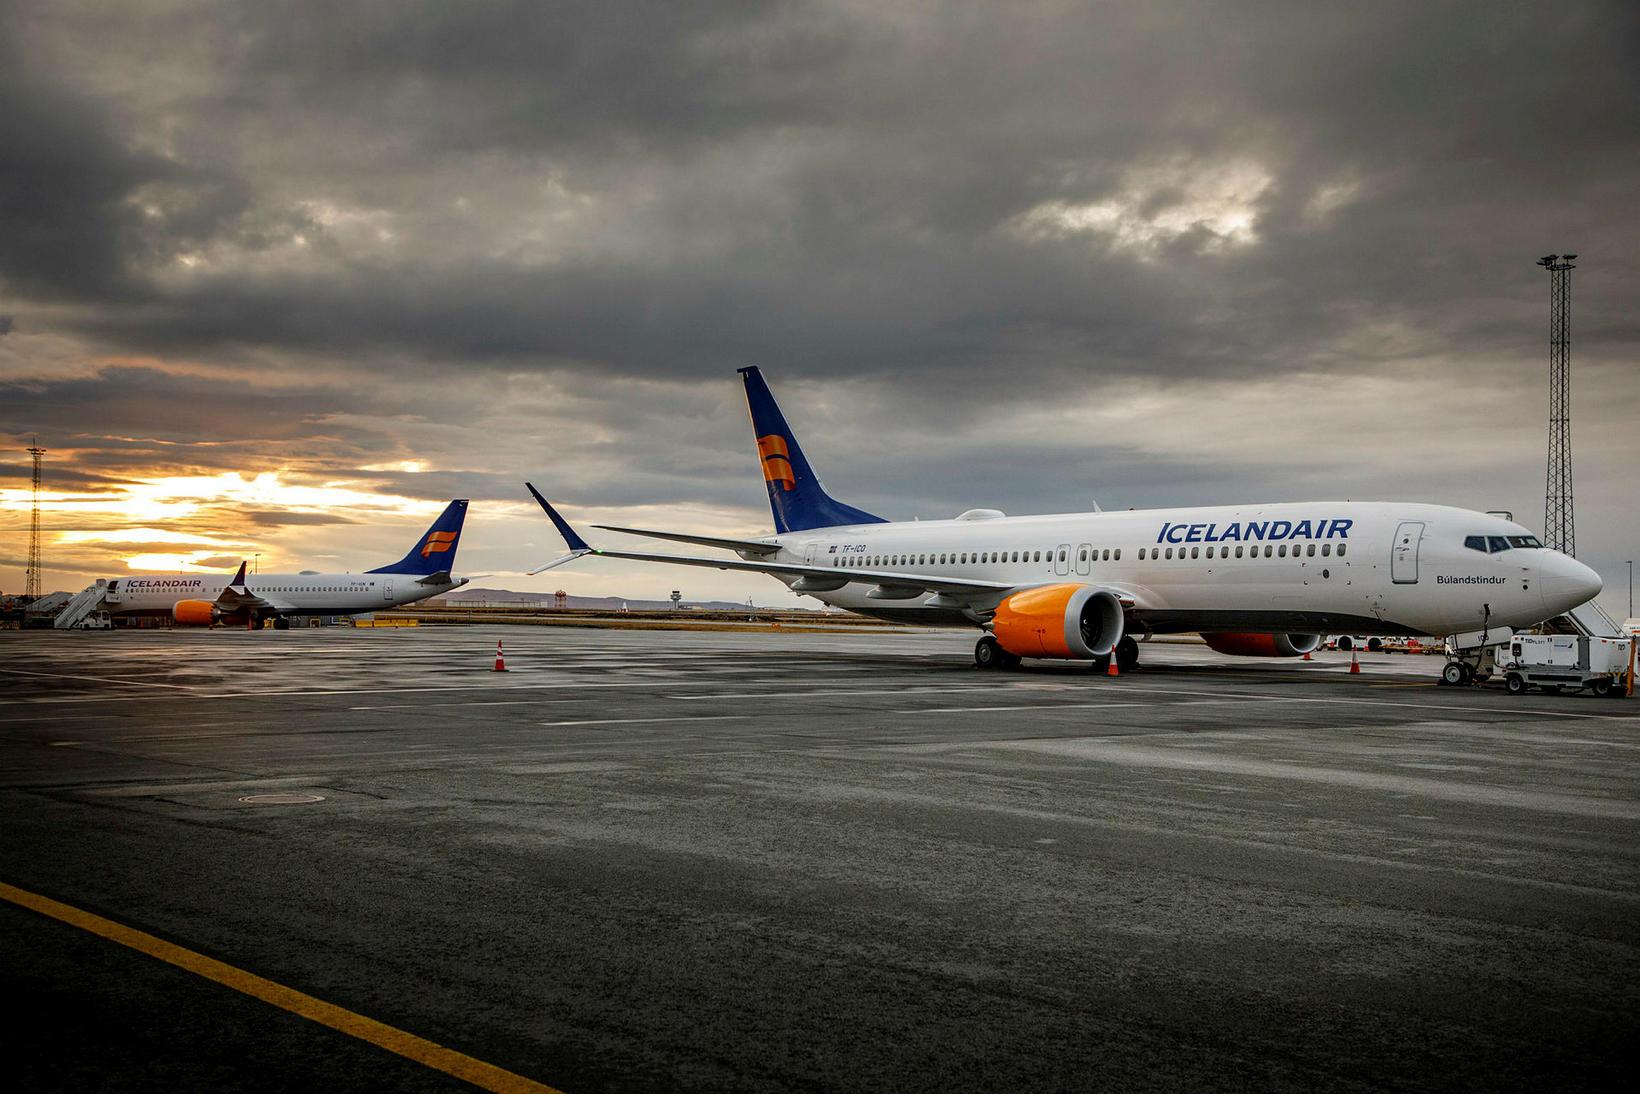 MAX-vélar Icelandair sjást hér kyrrsettar á Keflavíkurflugvelli áður en þær …